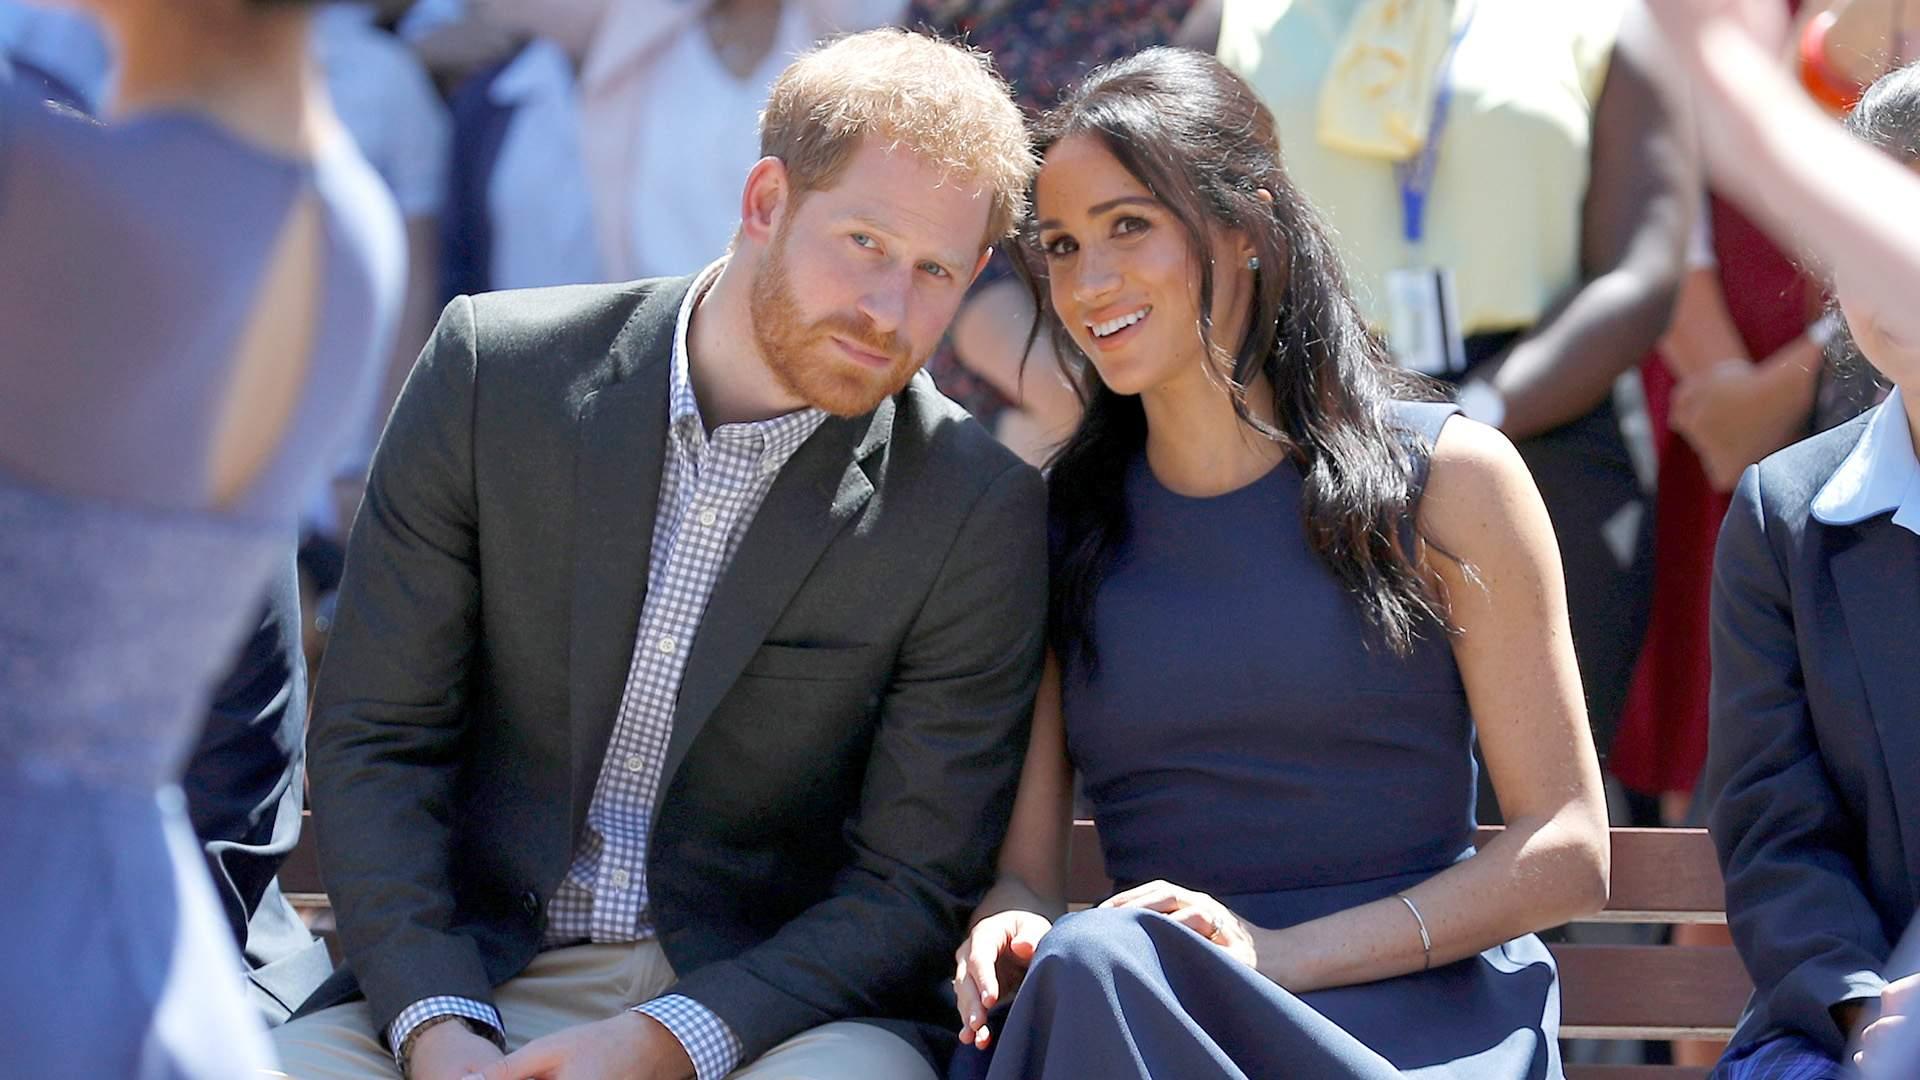 Королева в возмущении: почему принц Гарри и Меган Маркл отказались от денег и статуса | Статьи | Известия